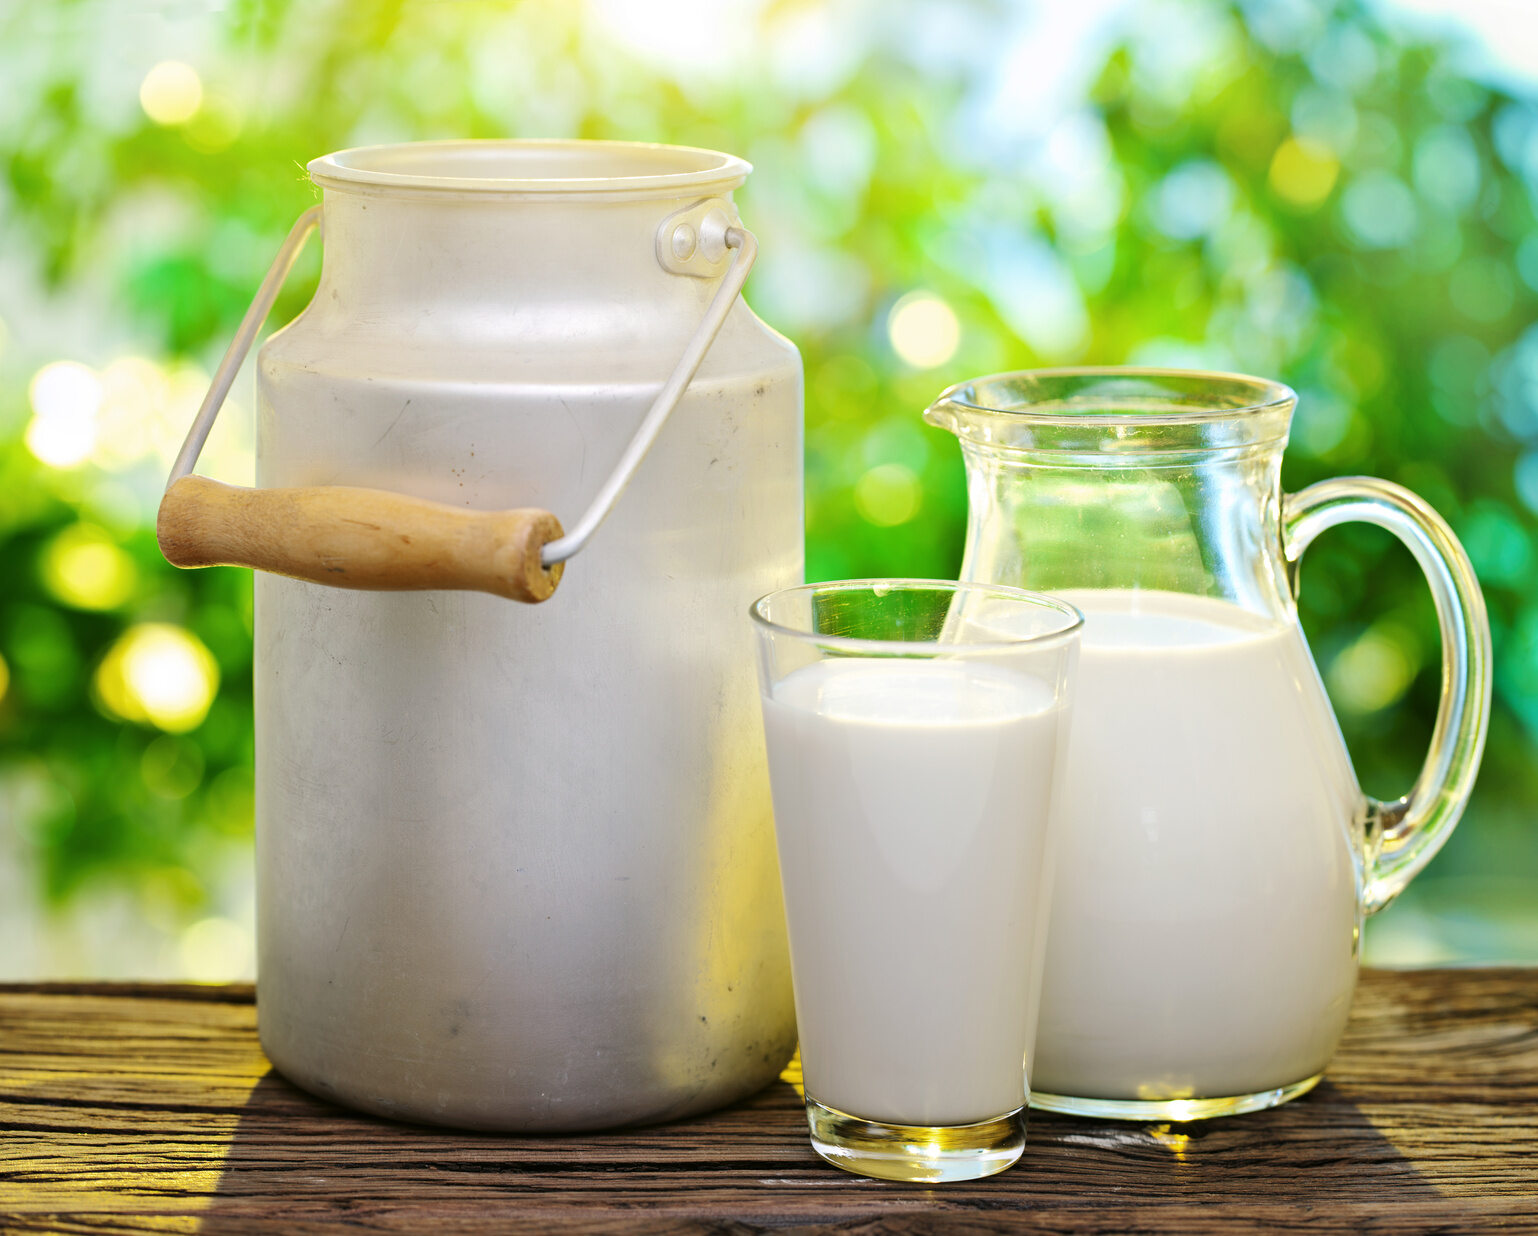 распоряжении картинка скисшего молока вот, потратив